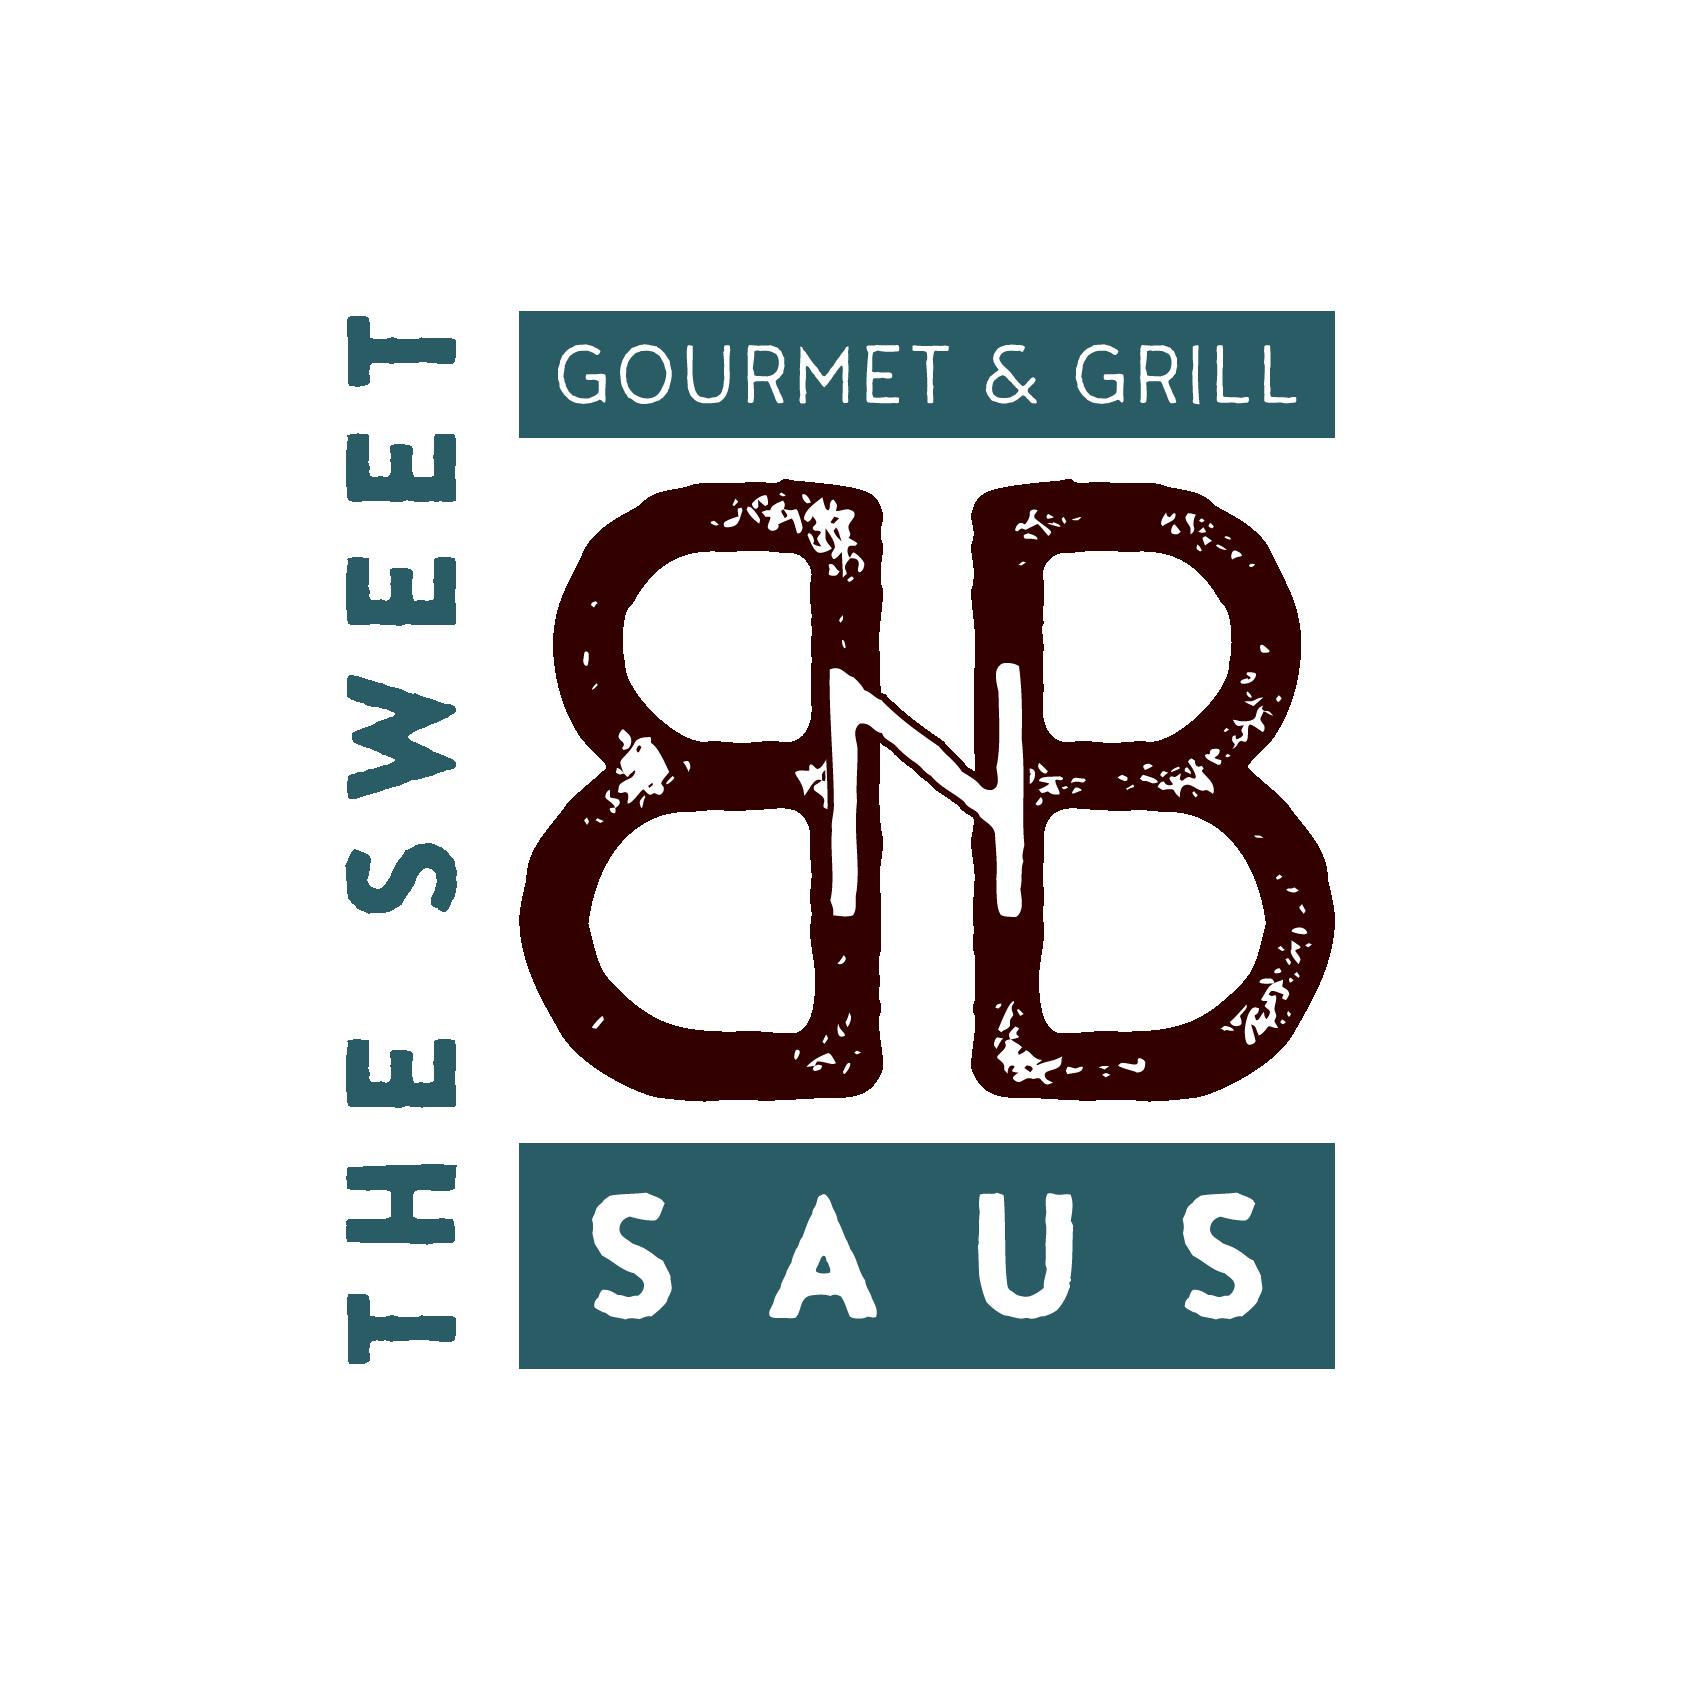 BNBSaus Logos_THE SWEET Logo_large.png